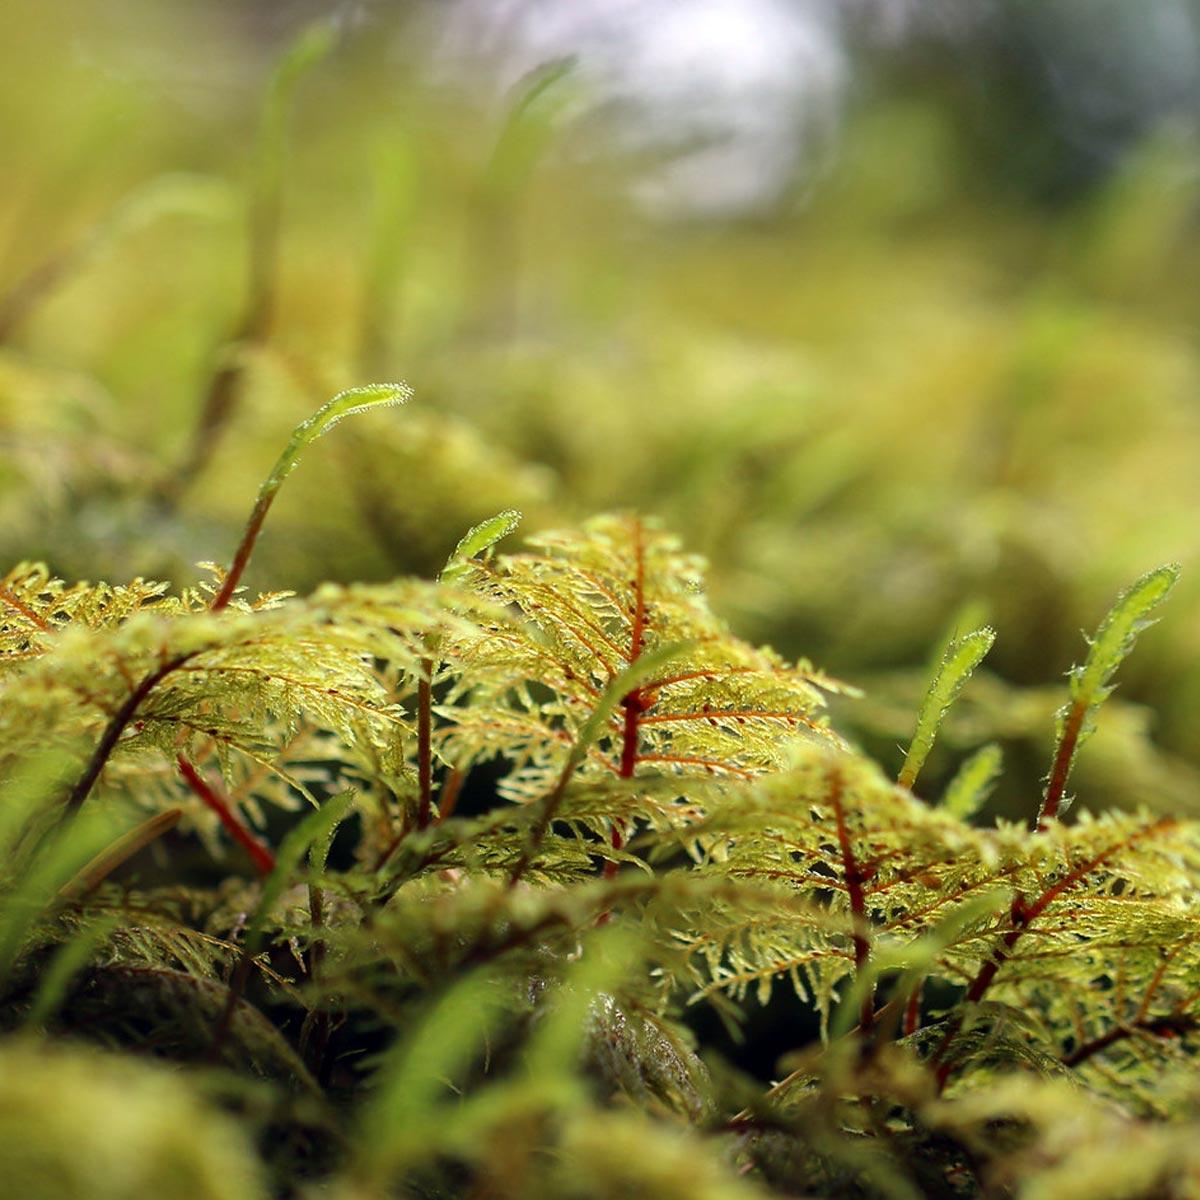 Hylocomium splendens - Musgos para diseños de jardinería y paisajismo